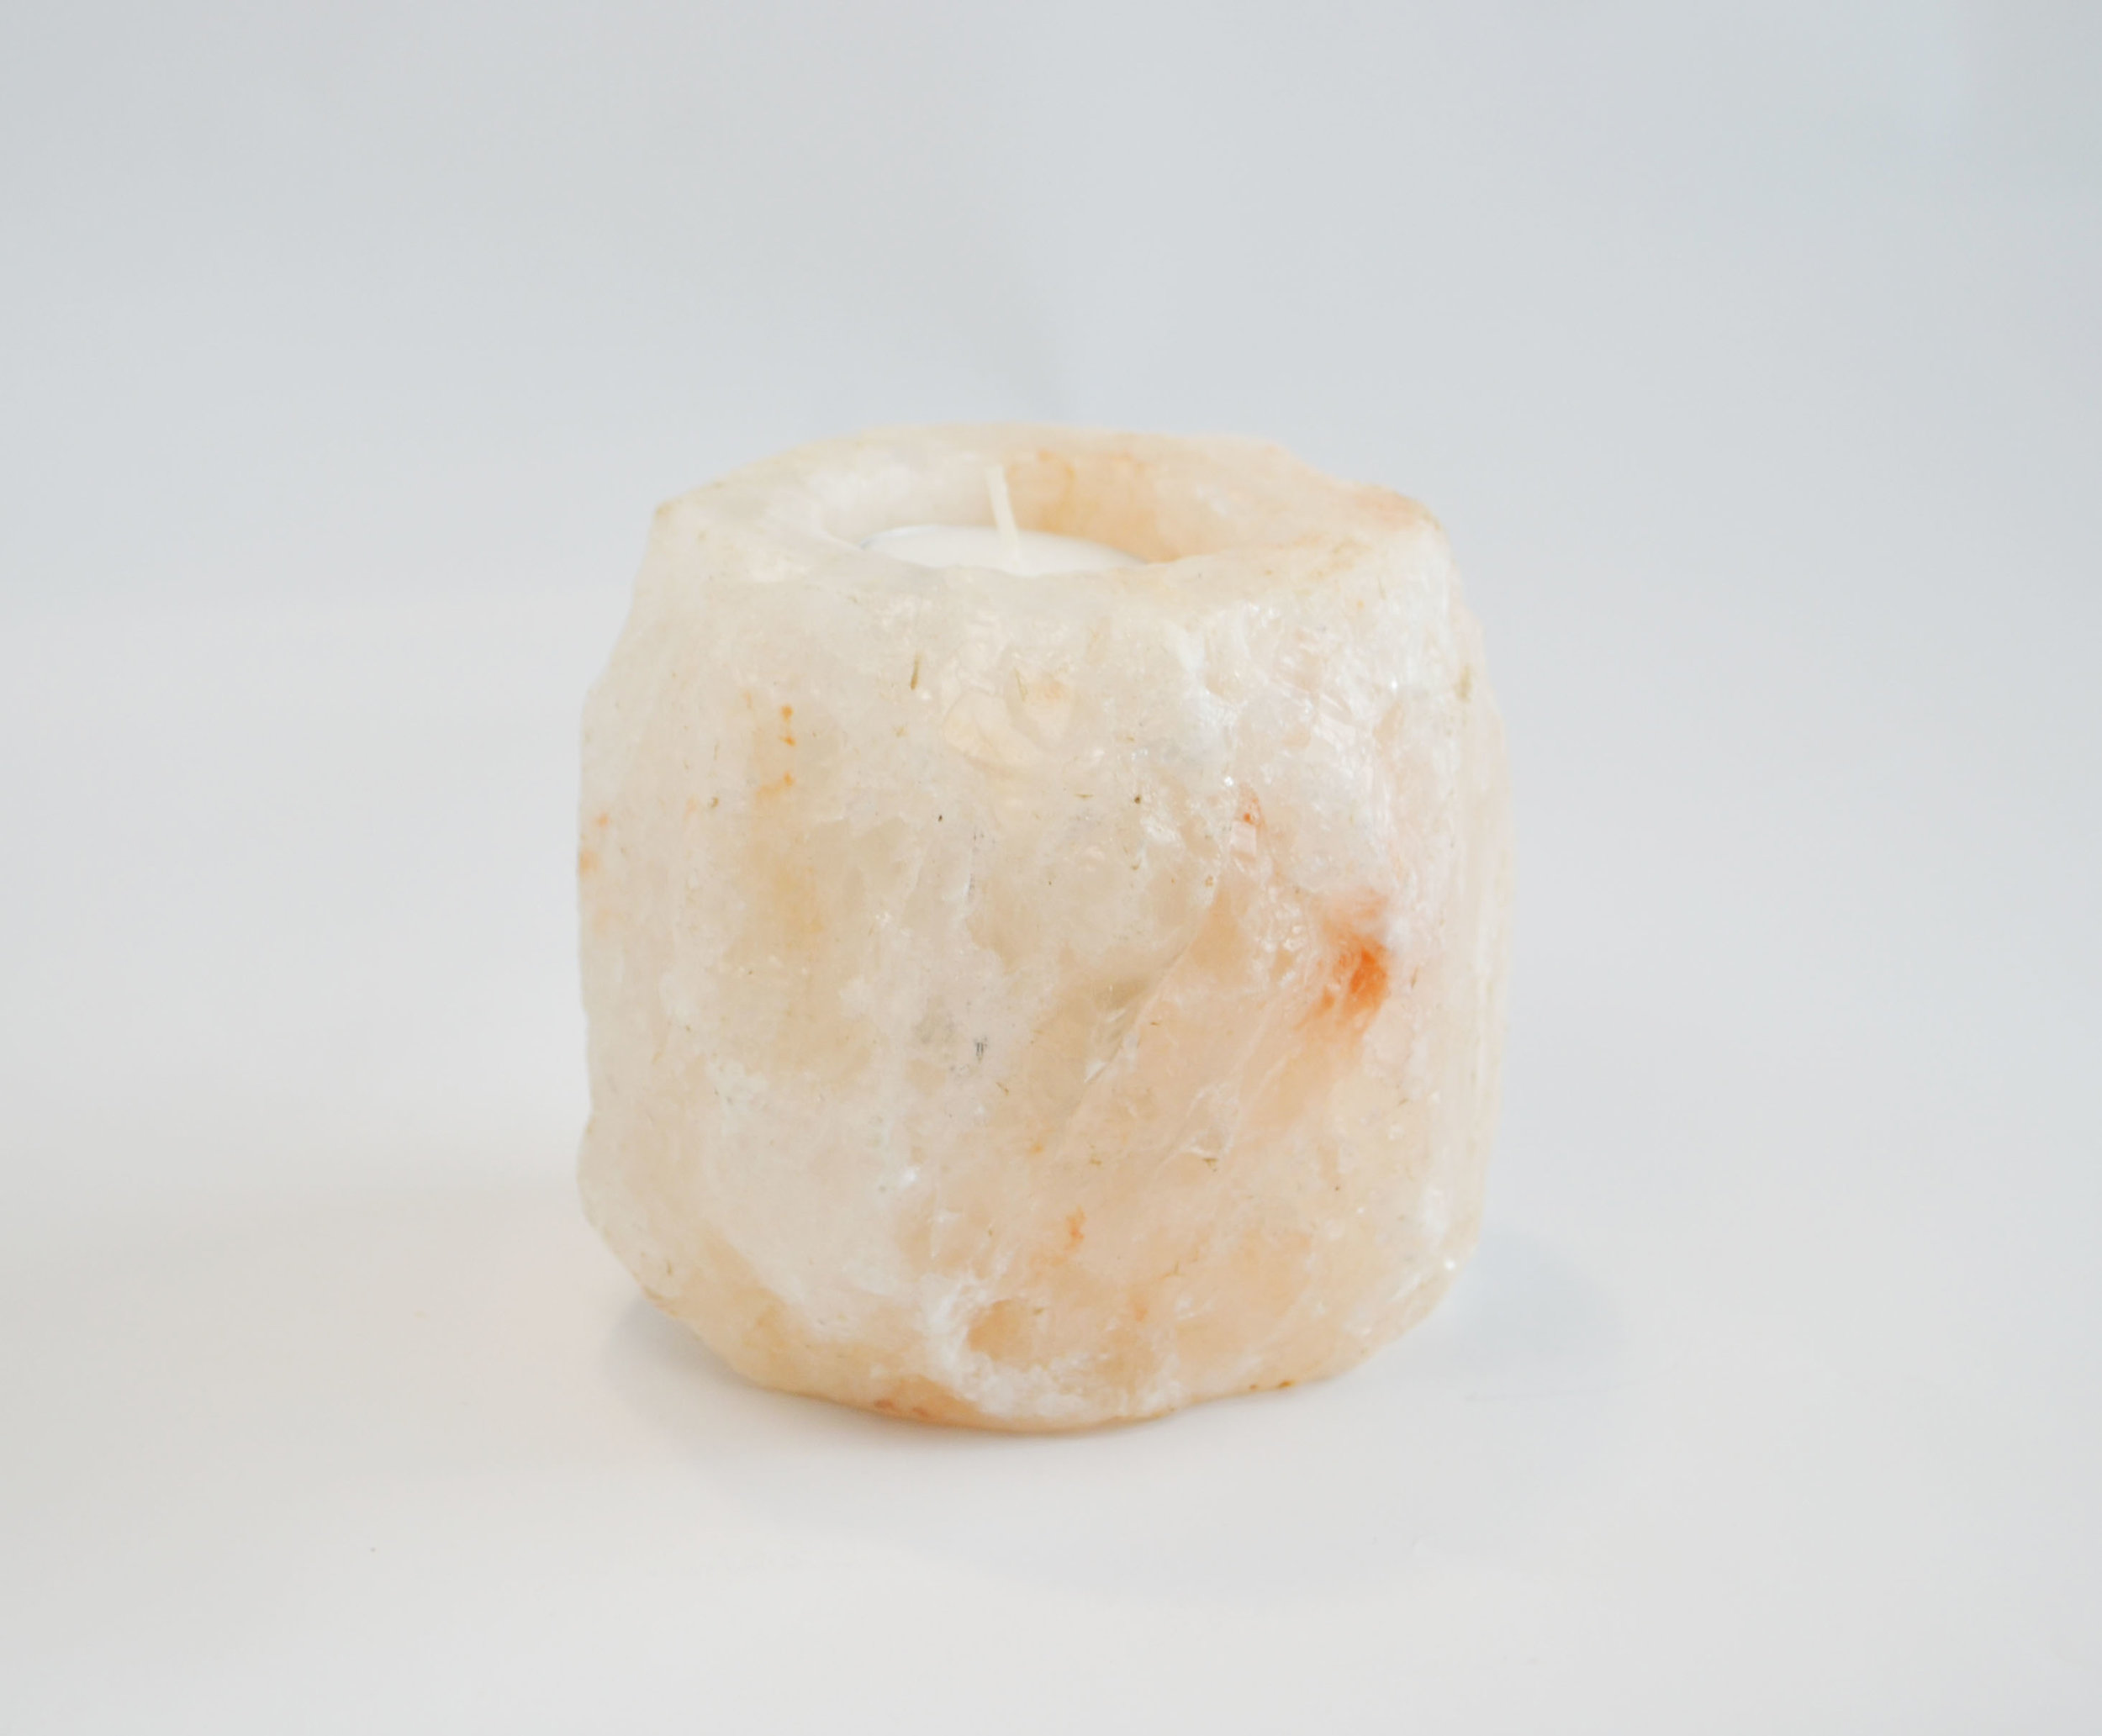 himalayan rock salt candle holder   Quantity: 84  Price: $9.50